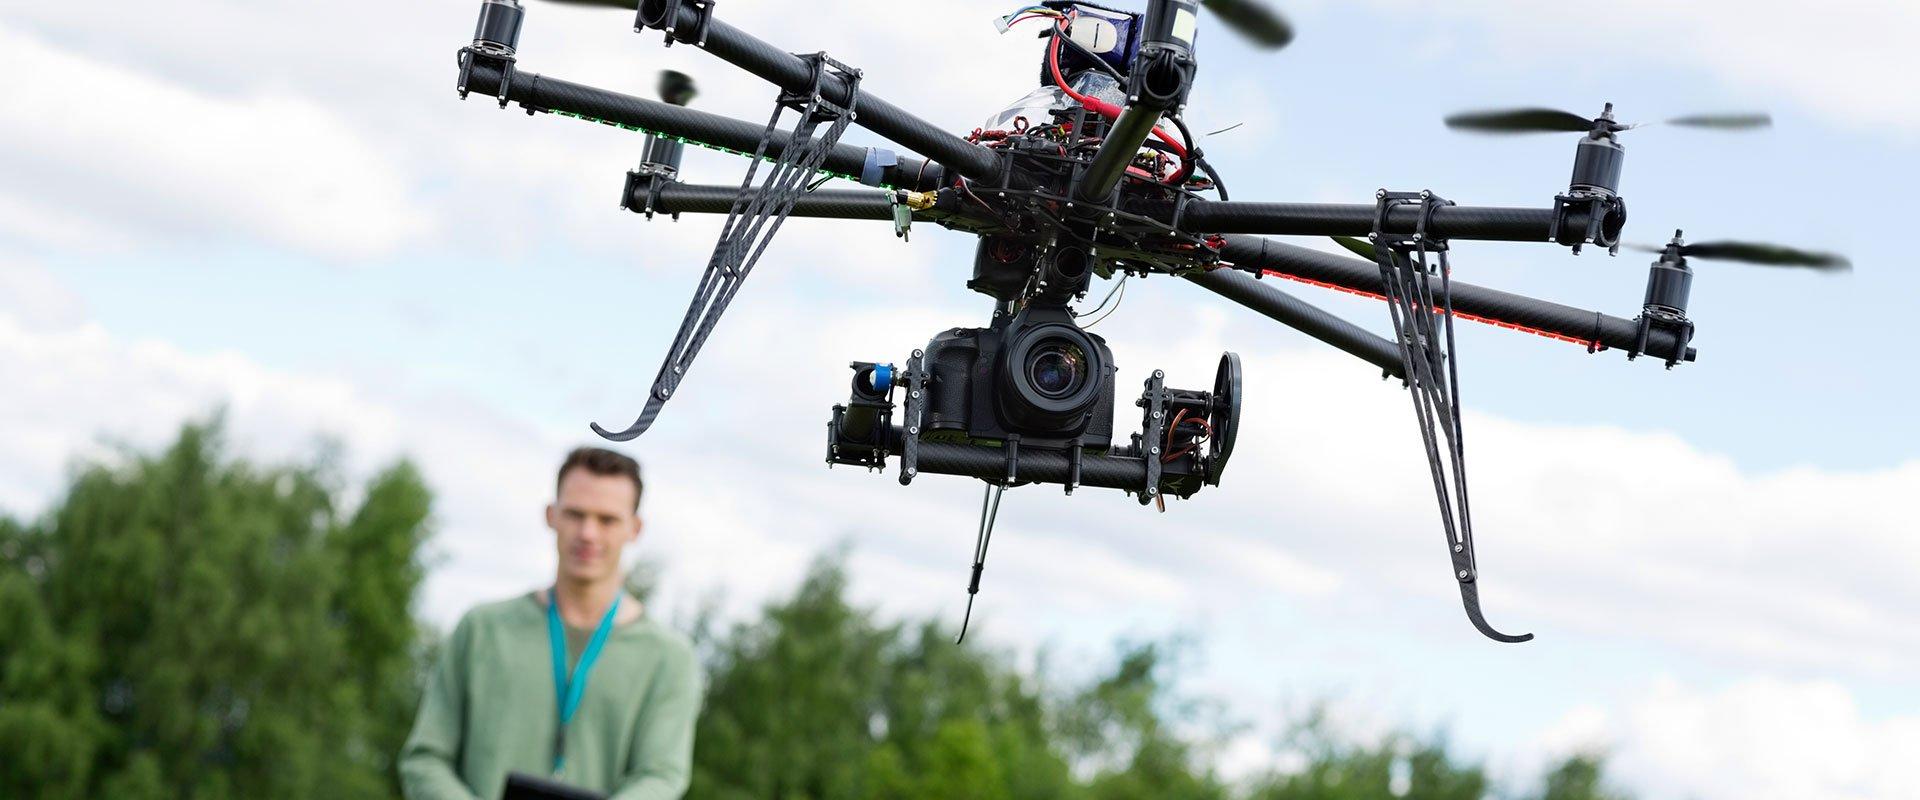 Drone UAV Aerial Photography